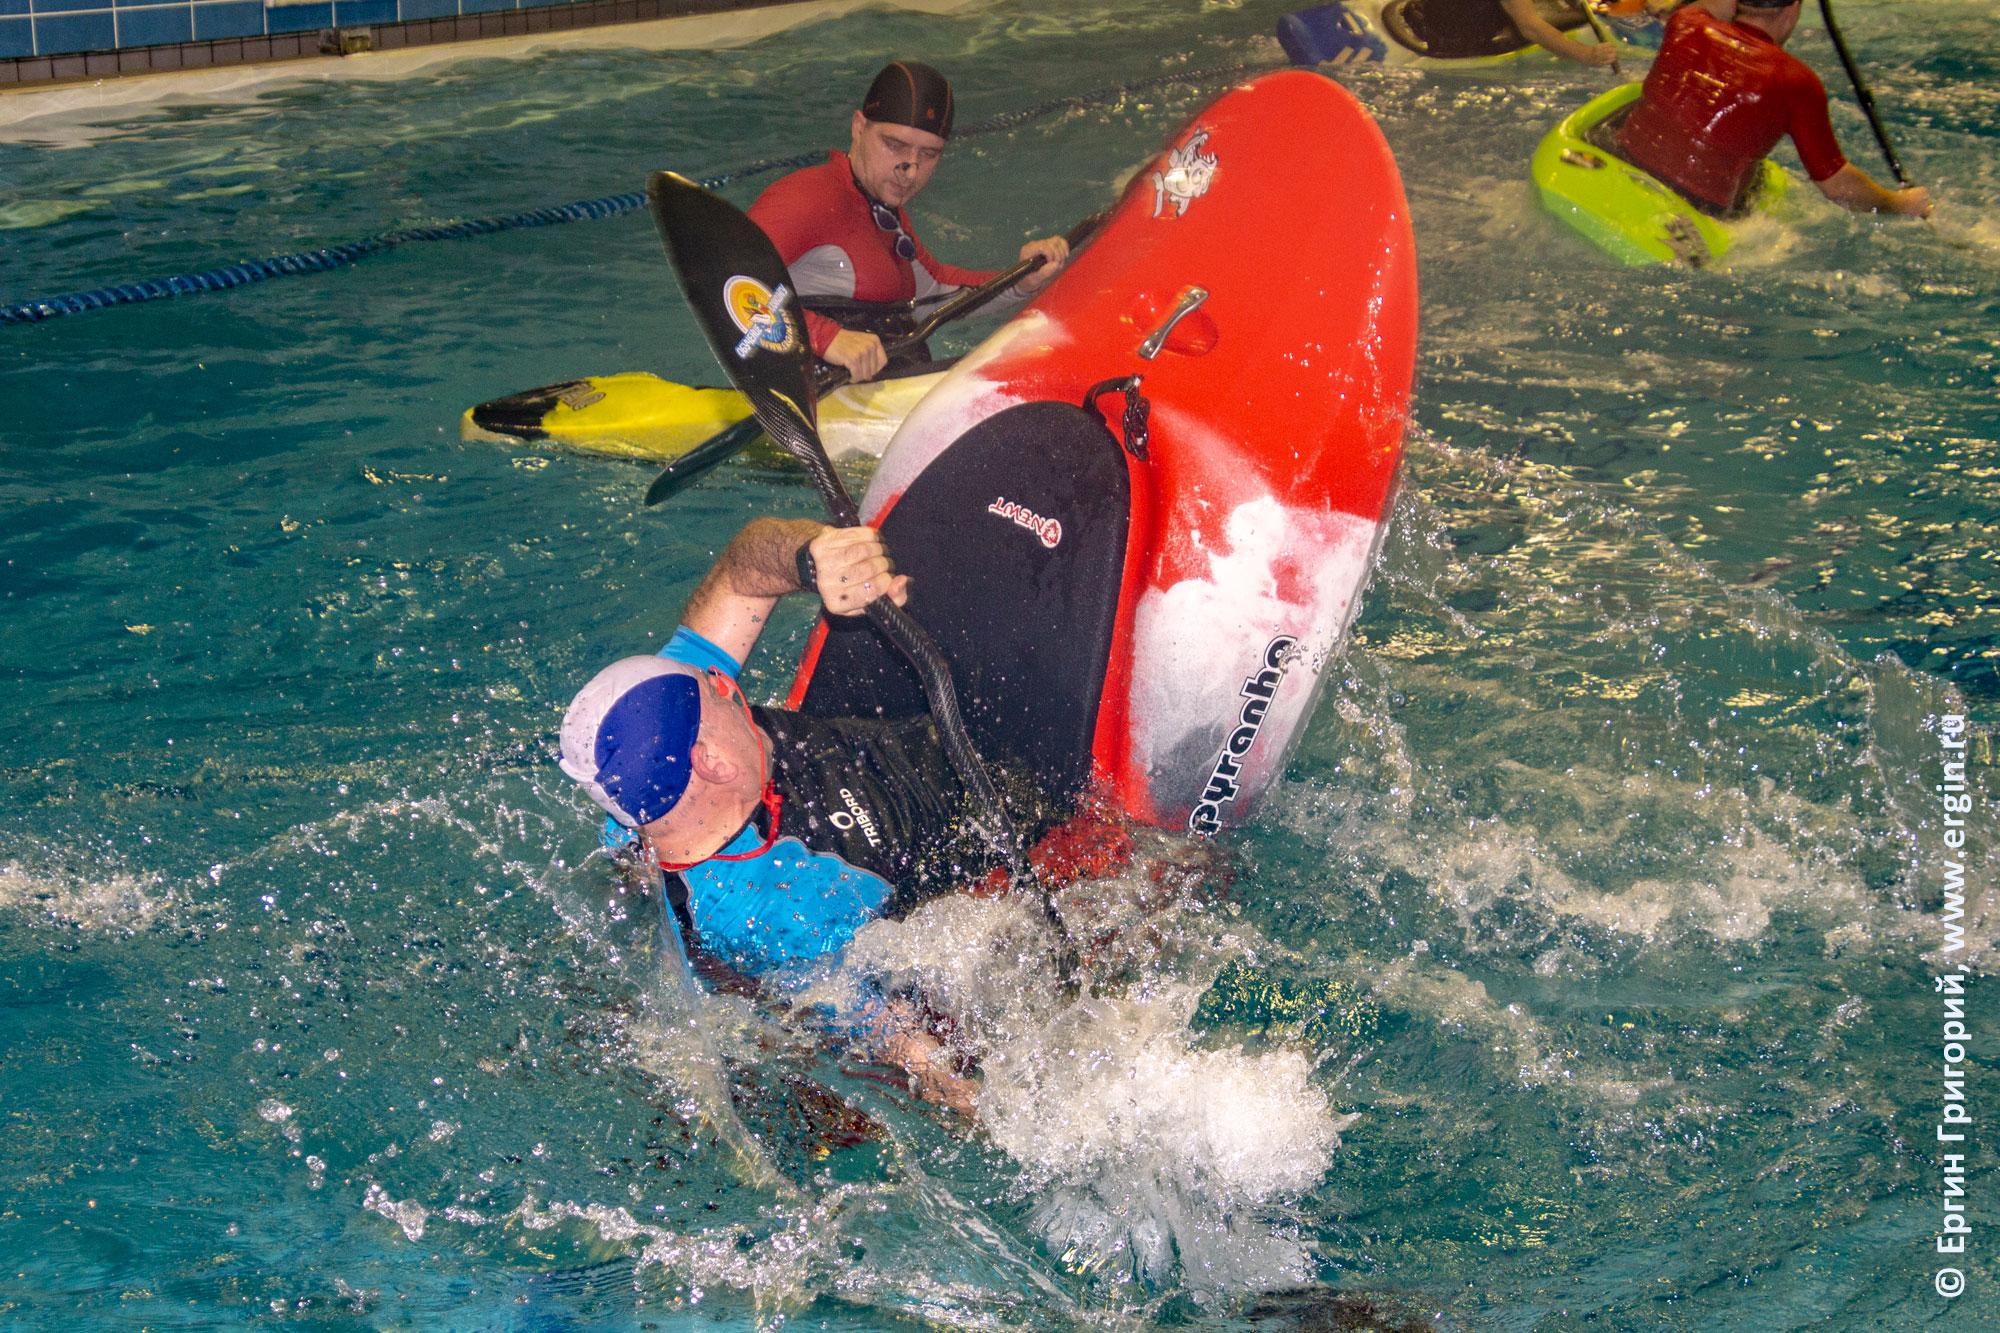 Кормовая свечка на каяке, обучение фристайл-каякингу в бассейне